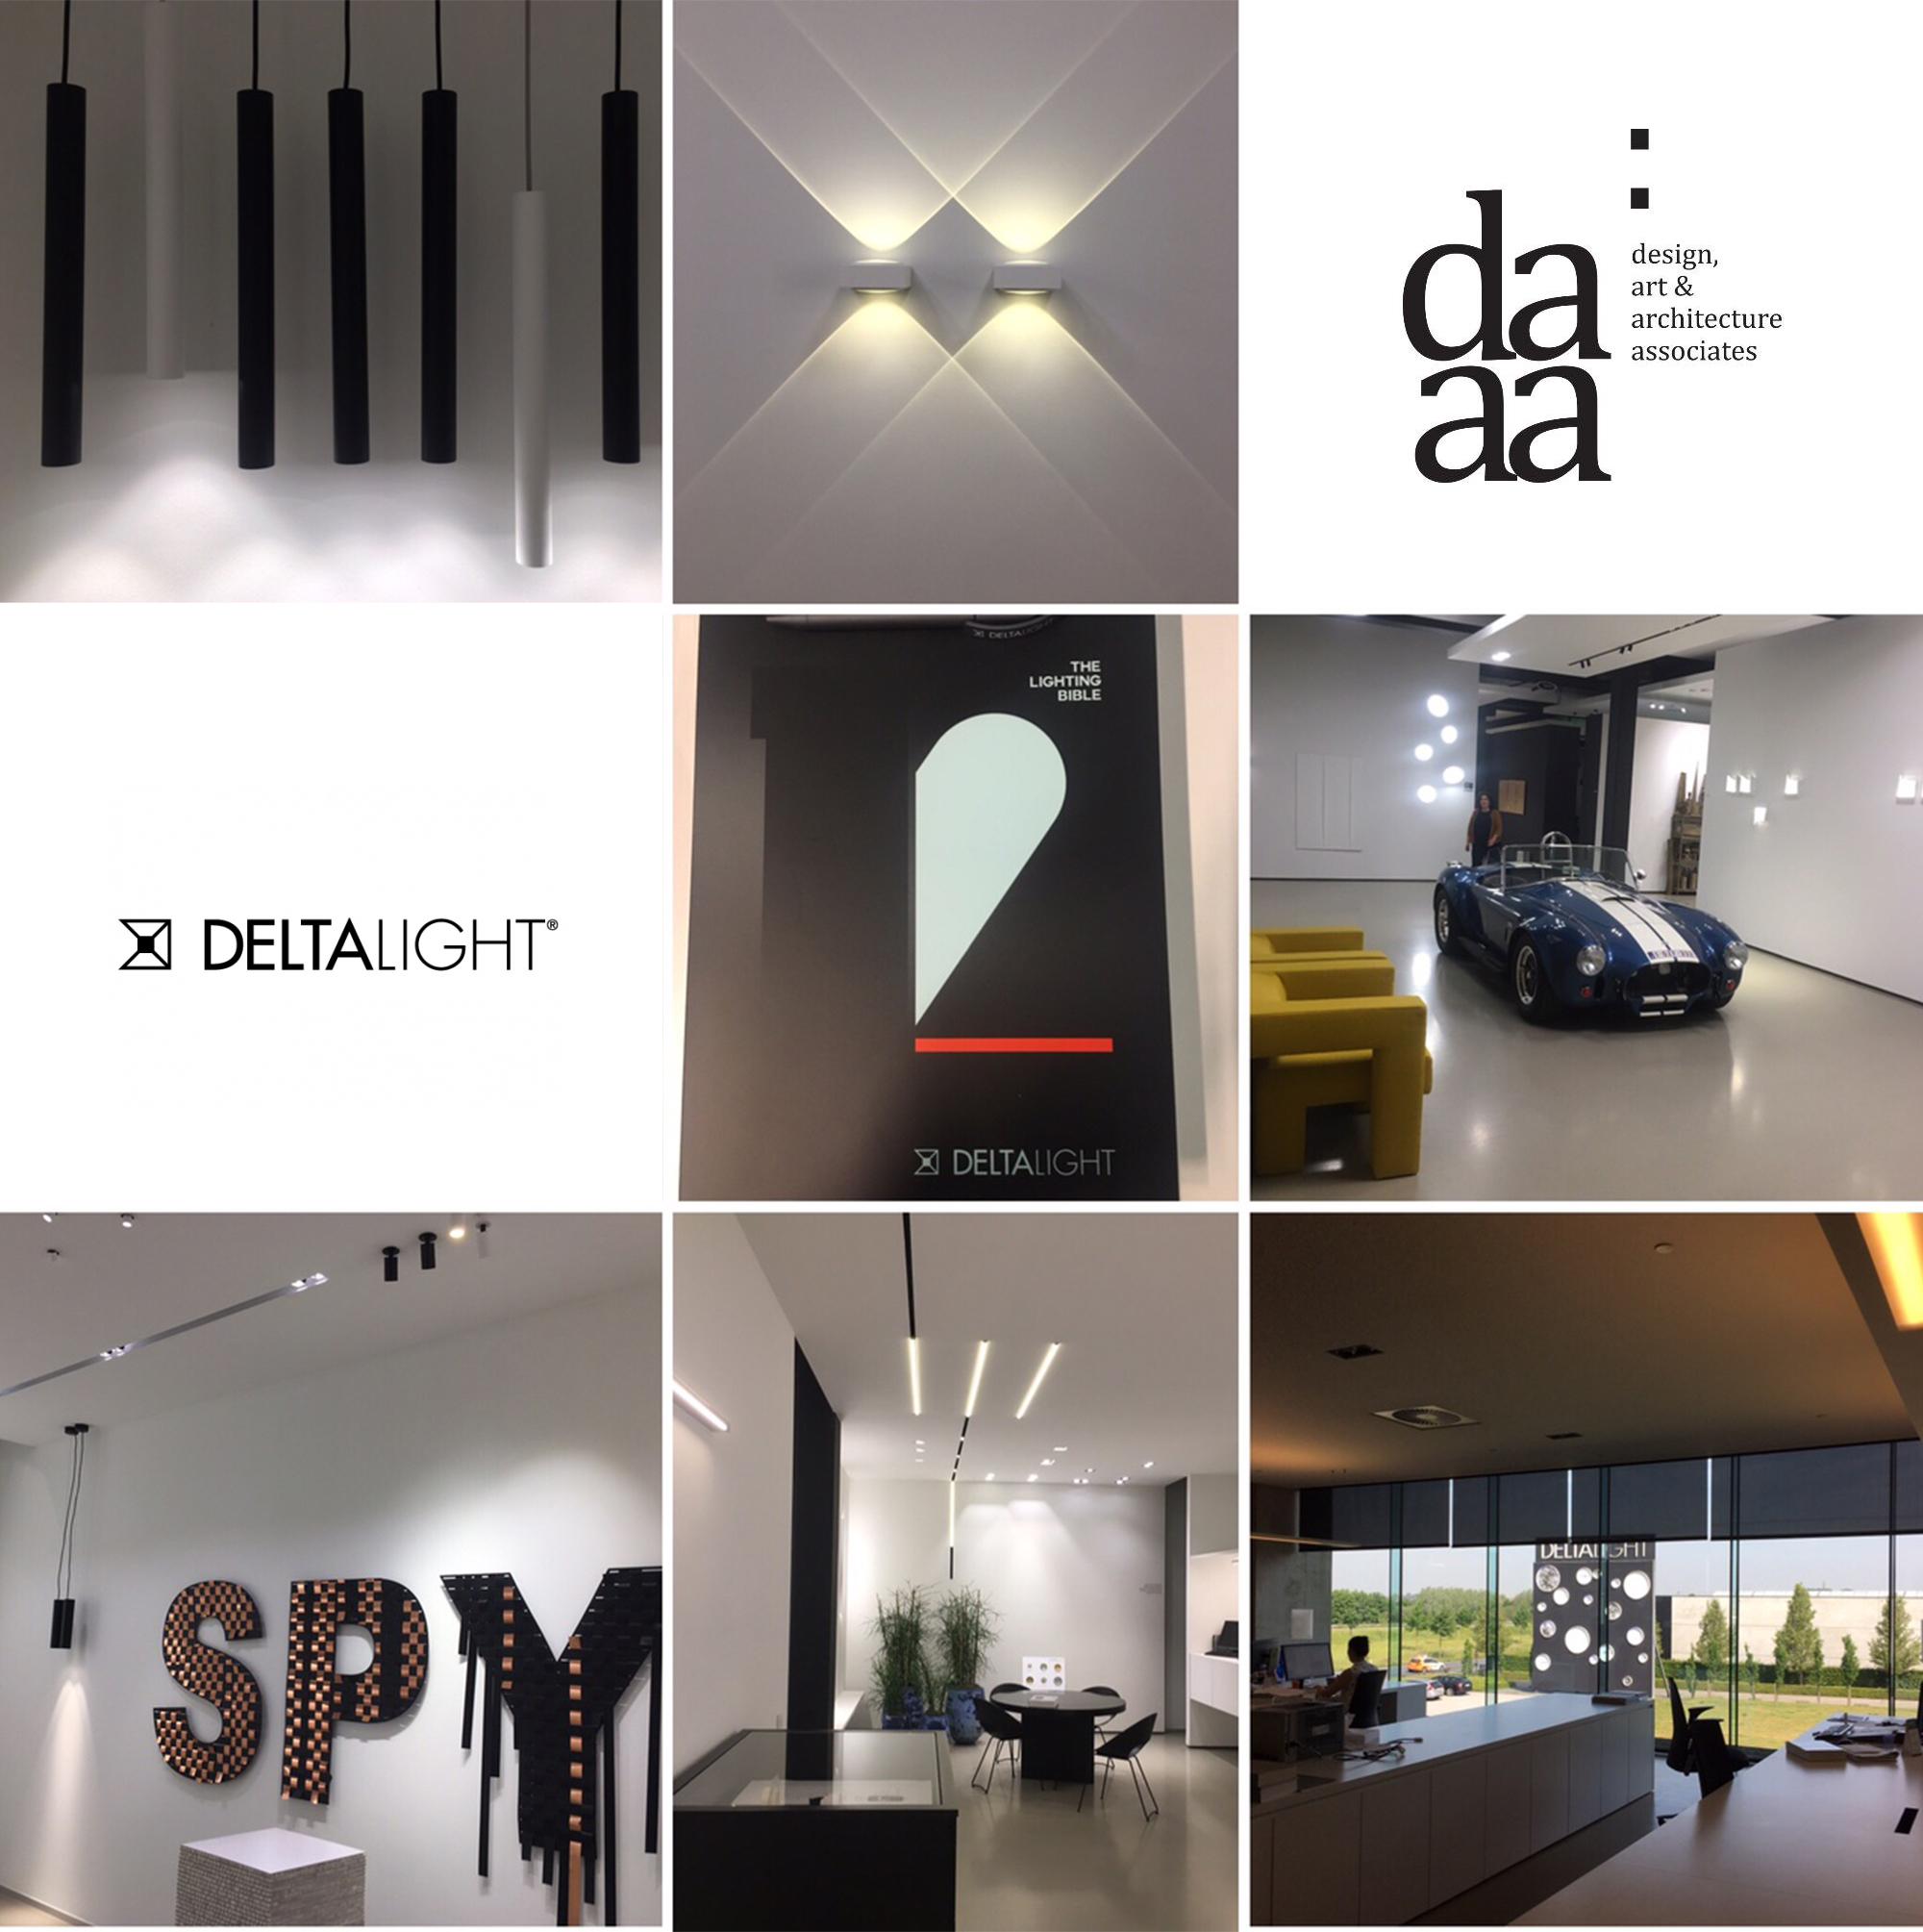 daaa haus & delta light